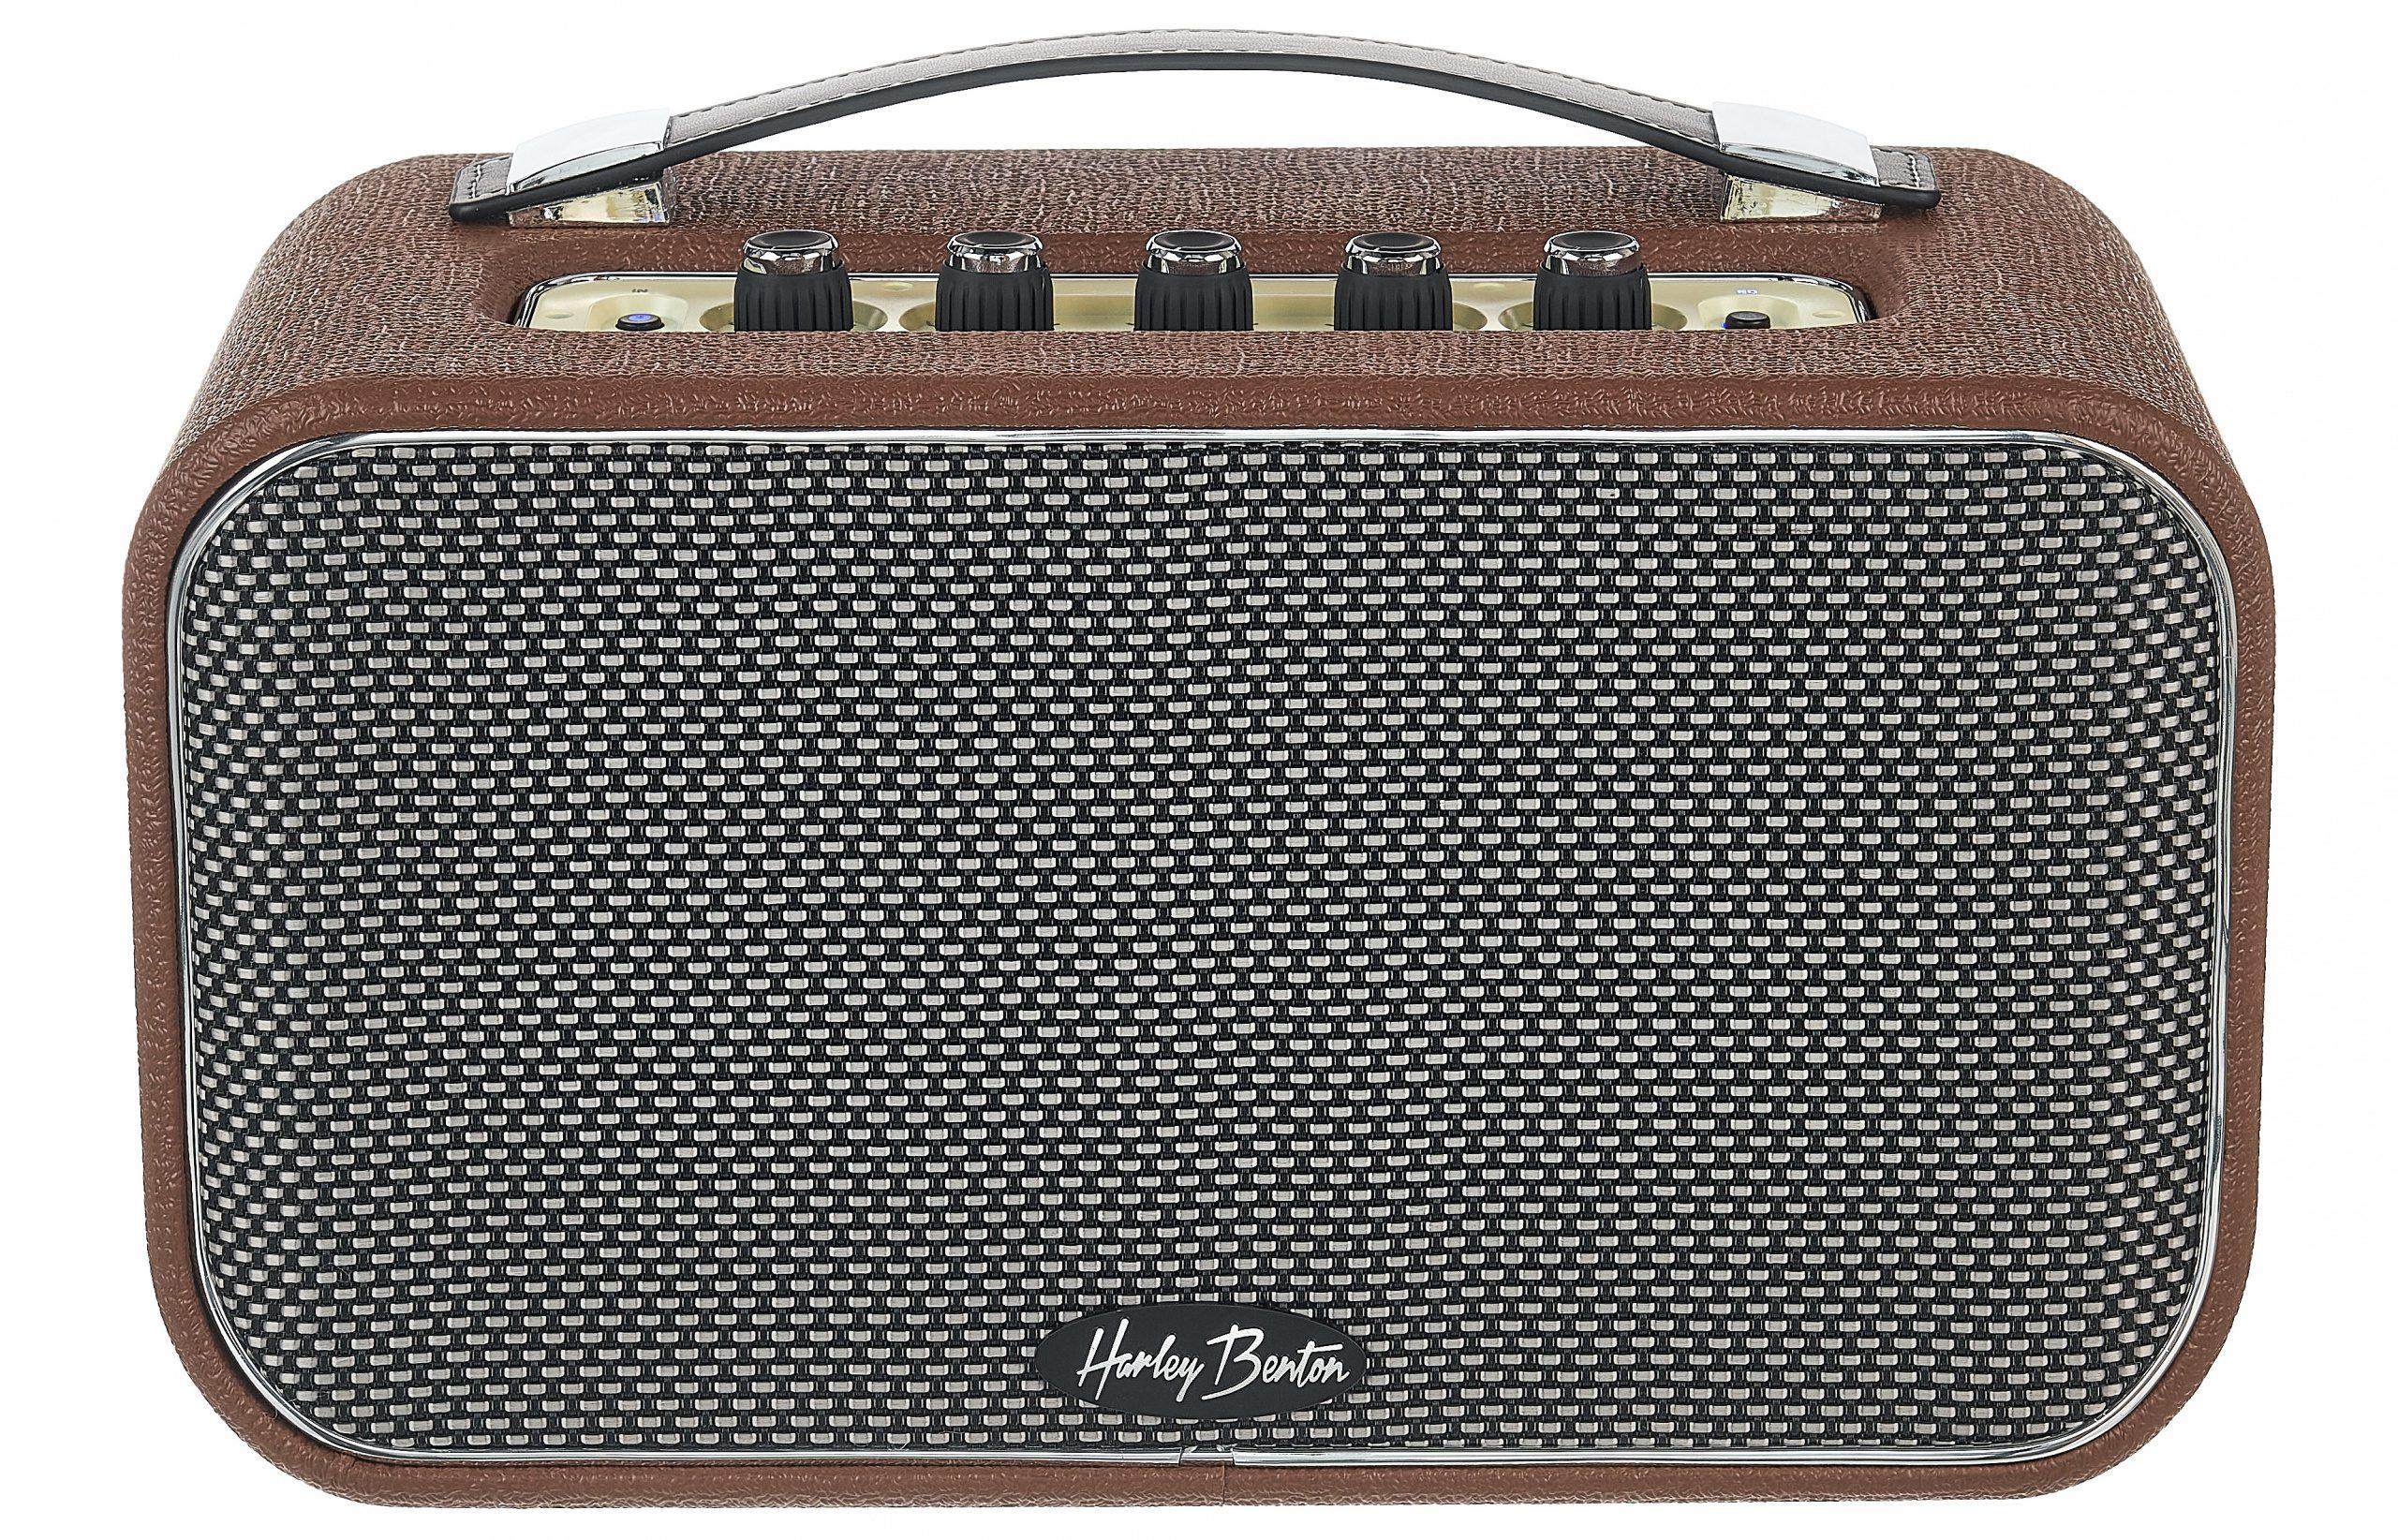 Harley Benton TableAmp V2 - Un amplificador de sobremesa de estilo retro